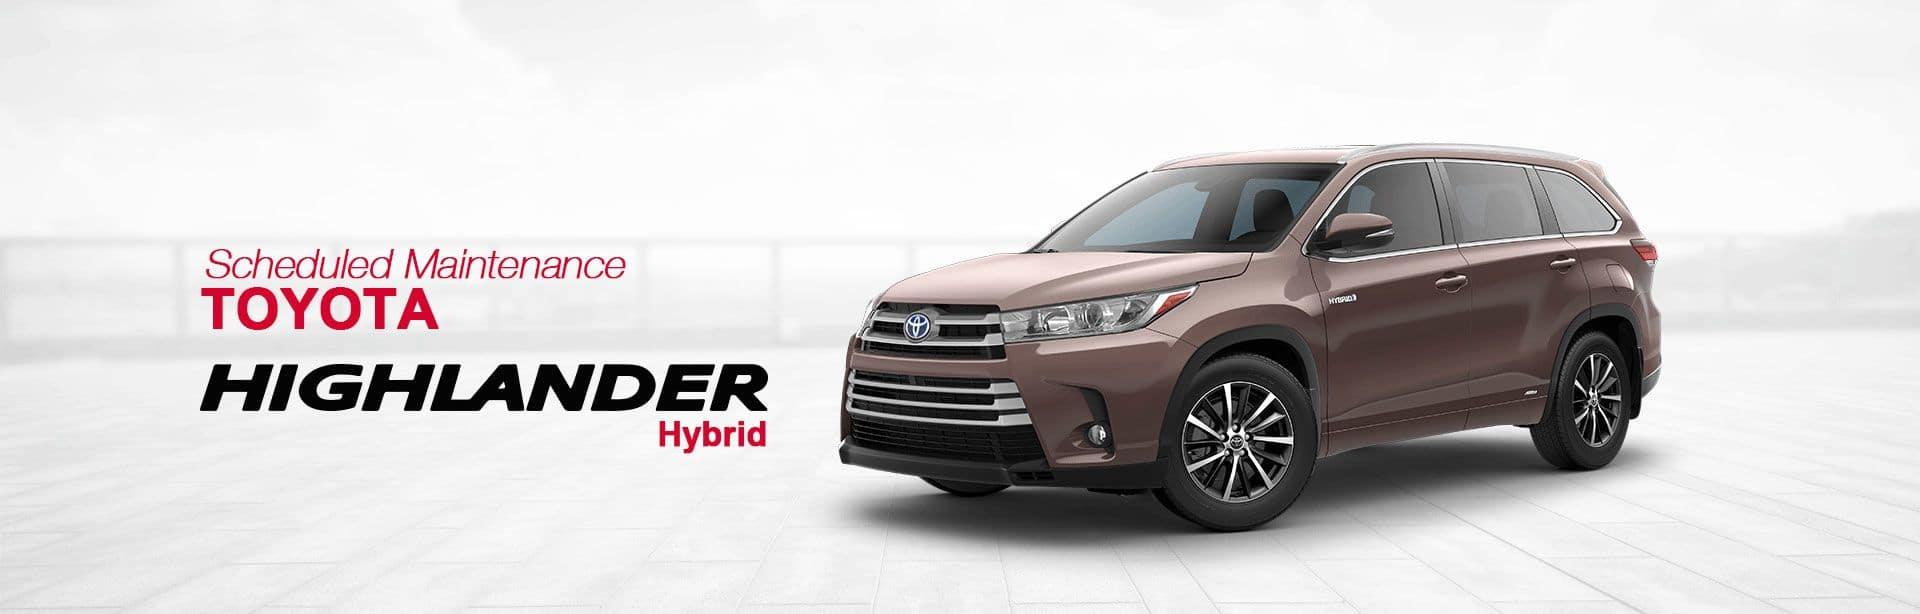 Toyota Highlander Hybrid Scheduled Maintenance. Toyota Highlander Hybrid  Service Schedule